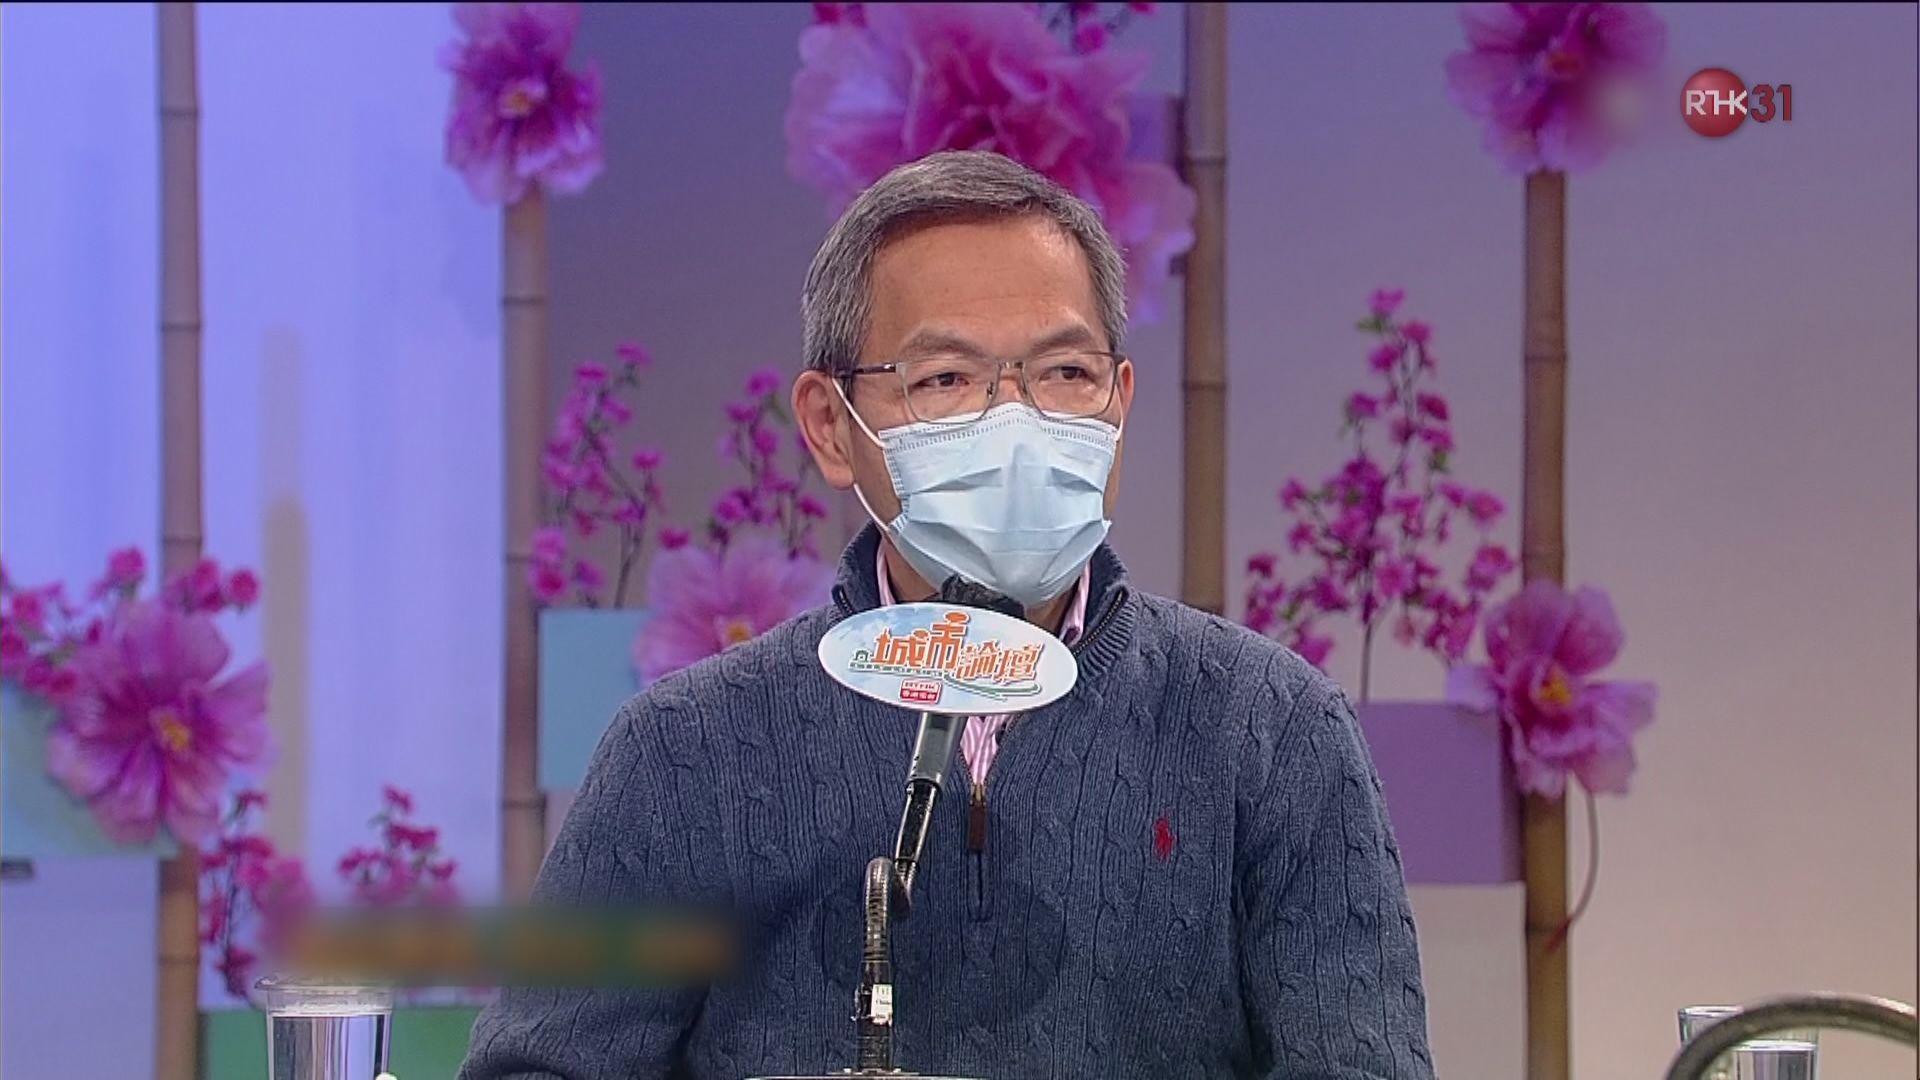 劉澤星:長期病患者若病情有變化應接種前諮詢醫生